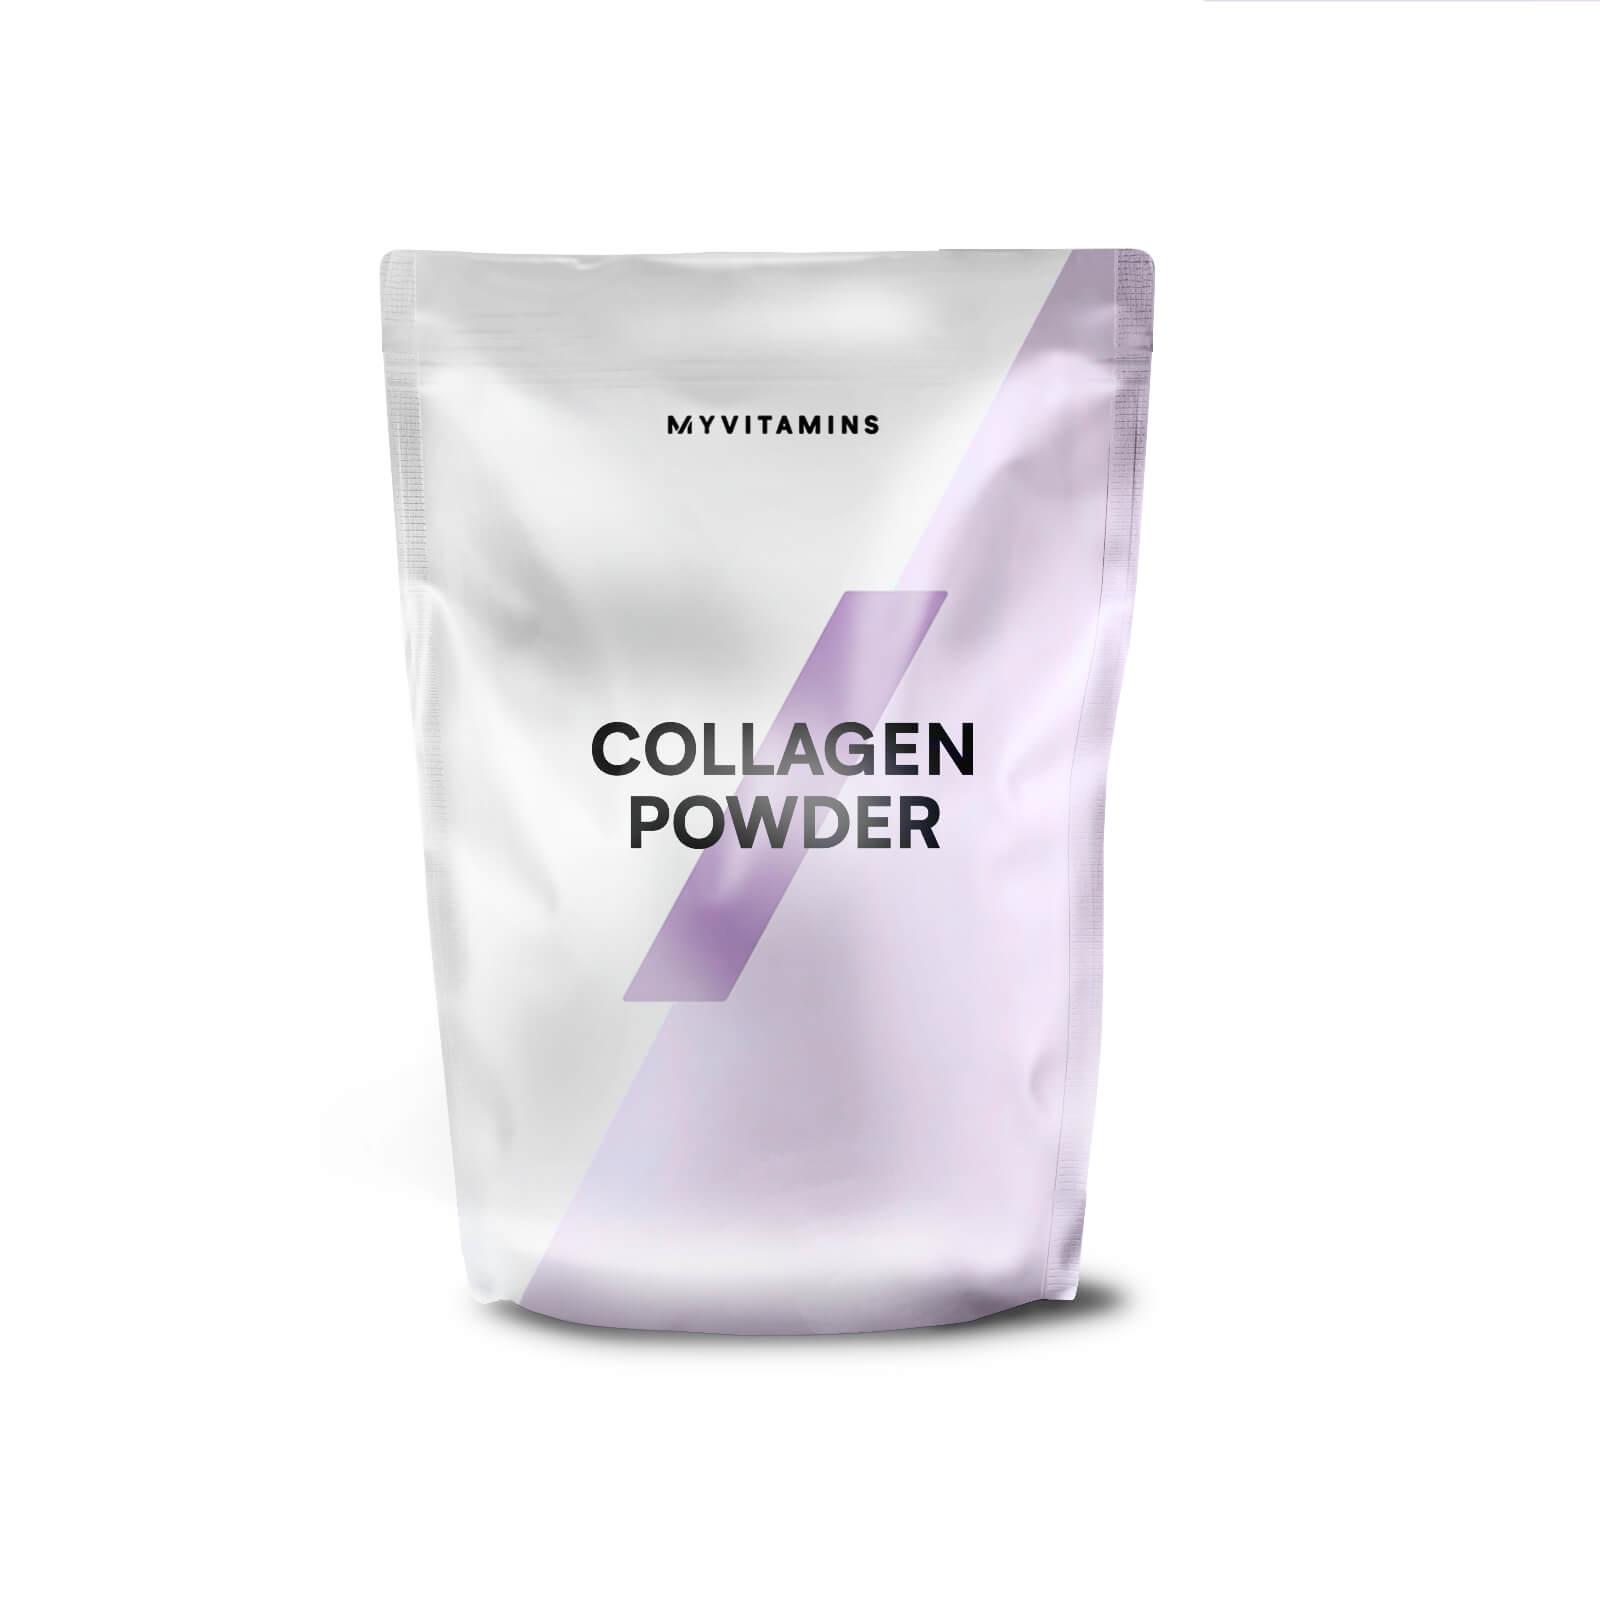 Myvitamins Collagen Powder - 1kg - Unflavoured